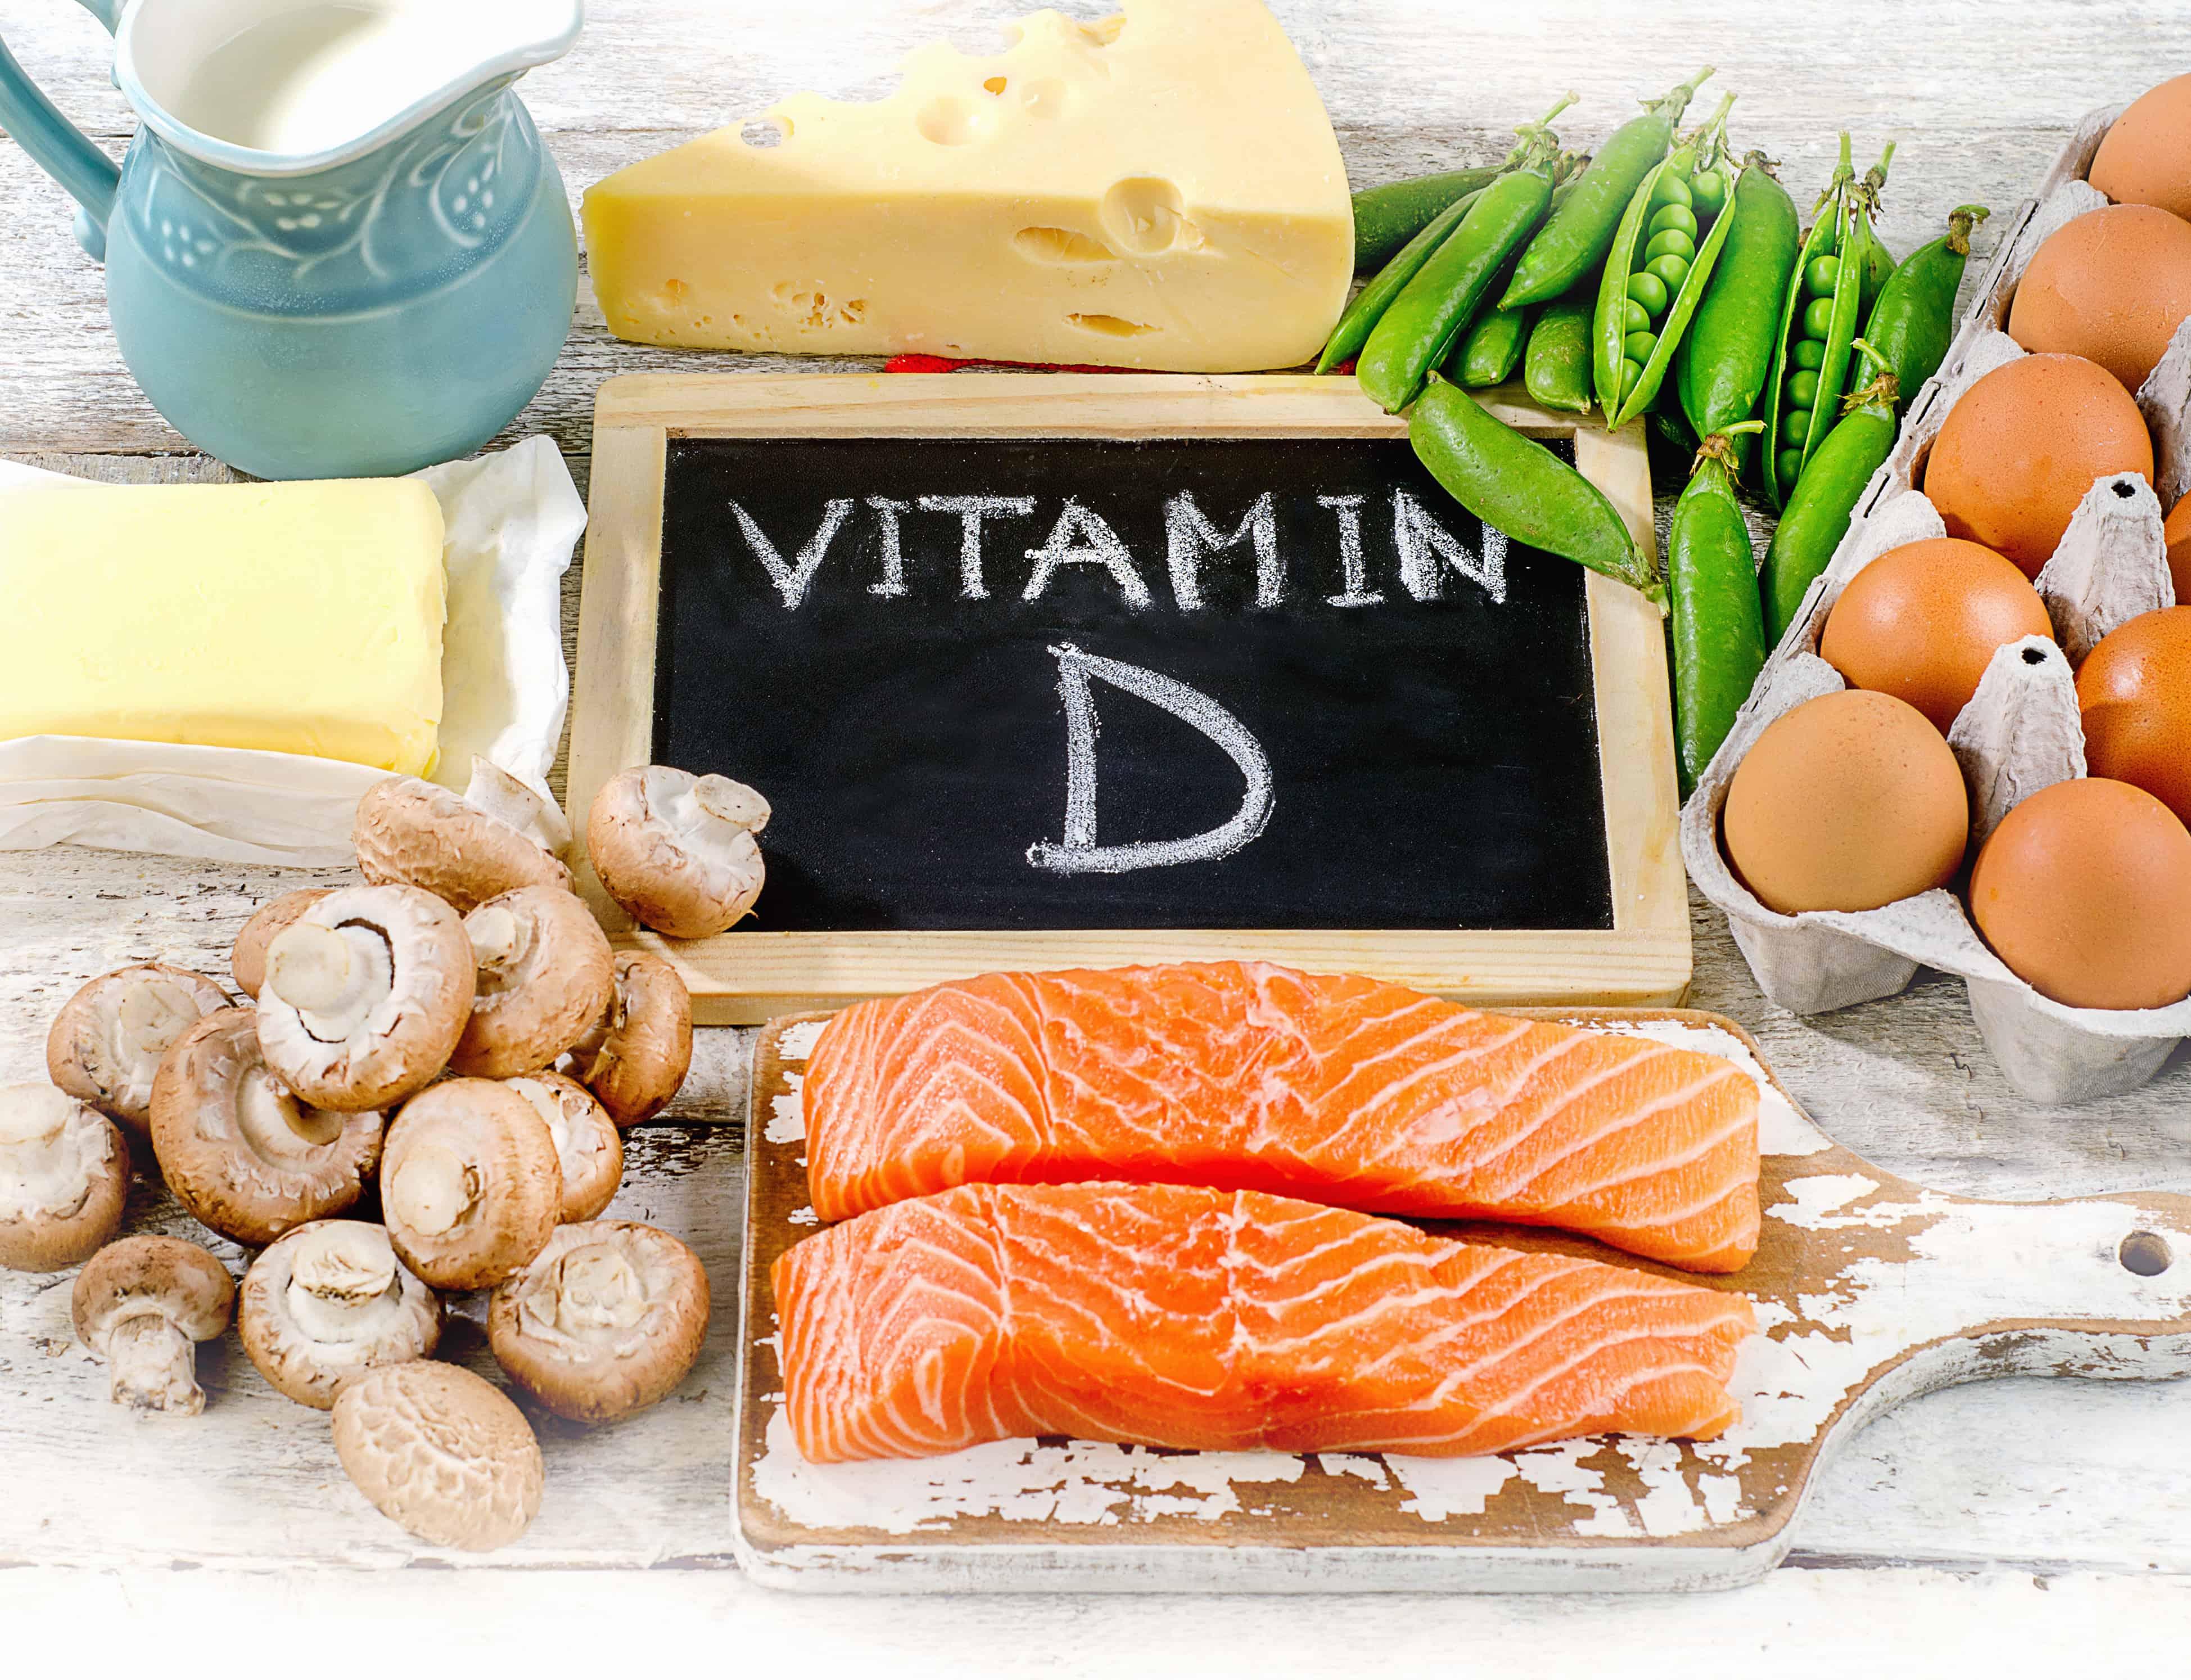 Vitamin D Überdosierung: Vorbeugen und sicher erkennen